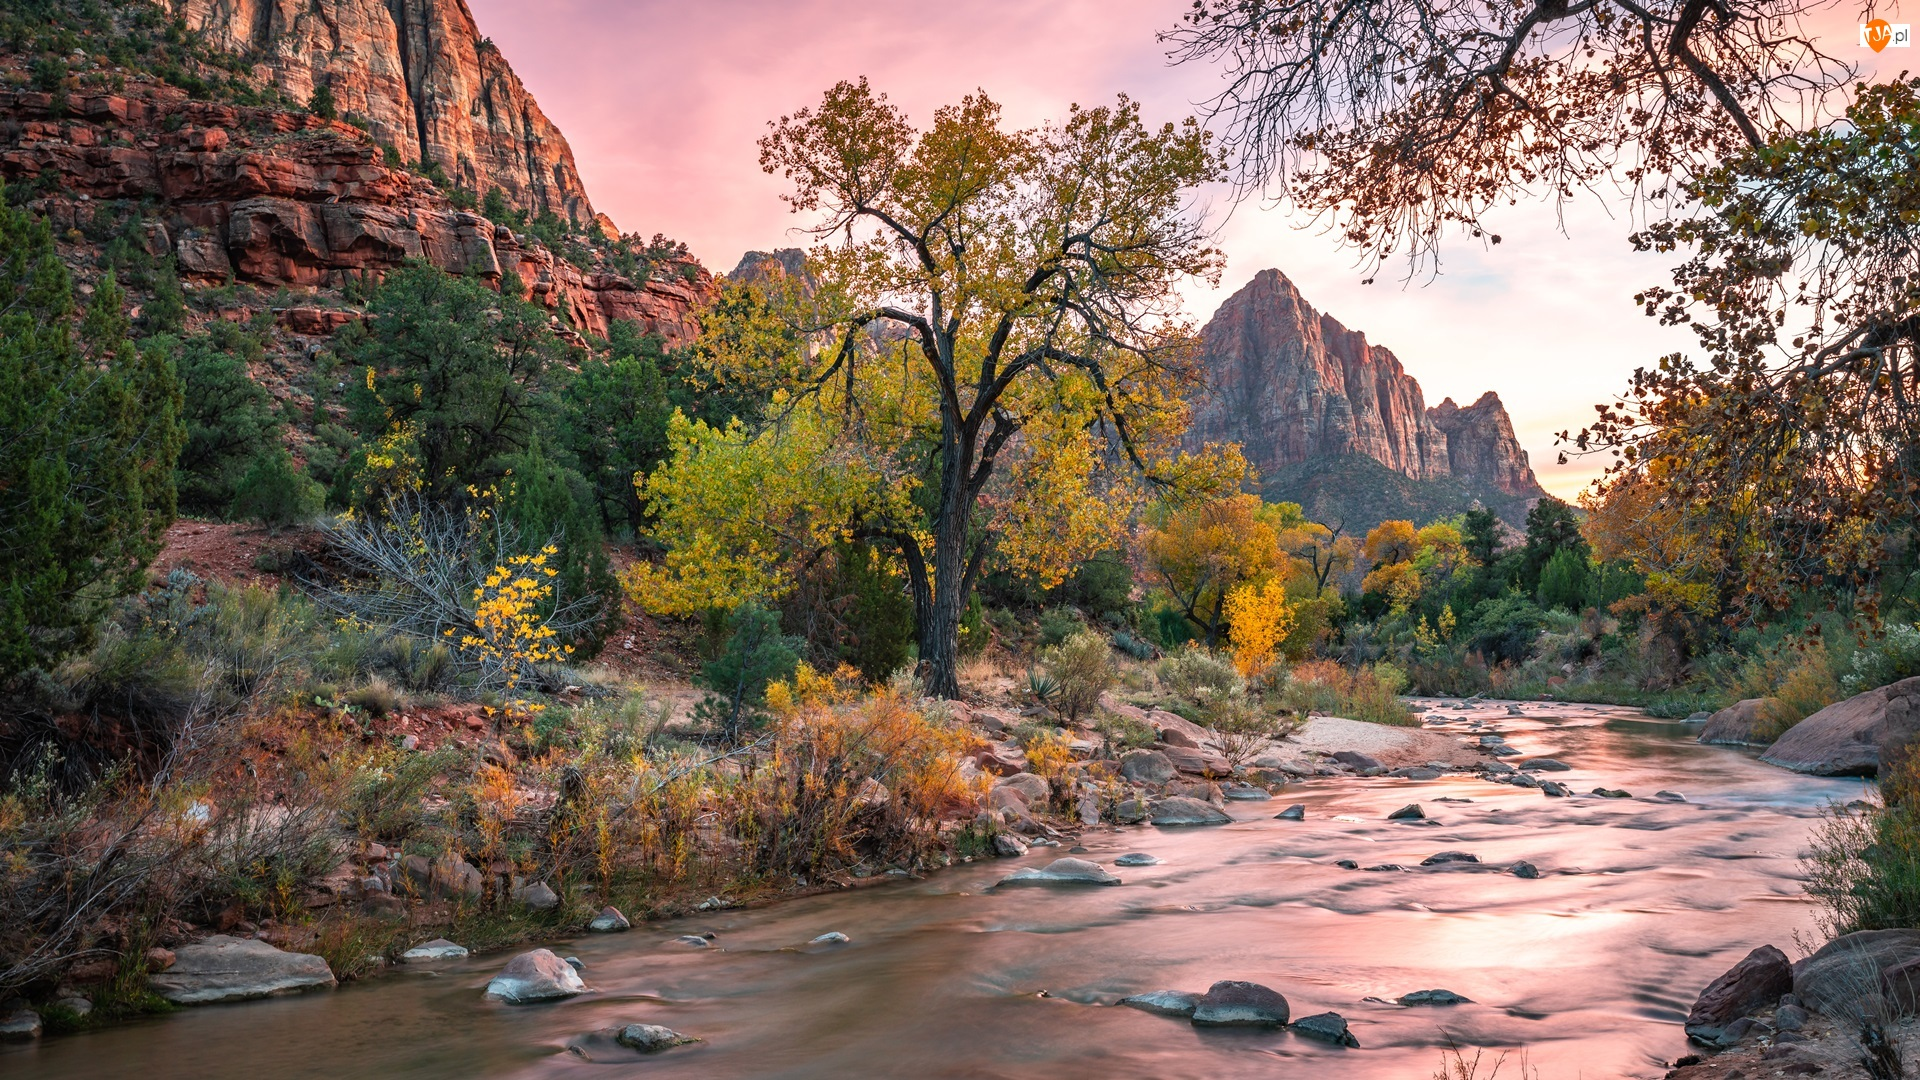 Kamienie, Park Narodowy Zion, Rzeka, Stan Utah, Drzewa, Virgin River, Stany Zjednoczone, Góry Watchman